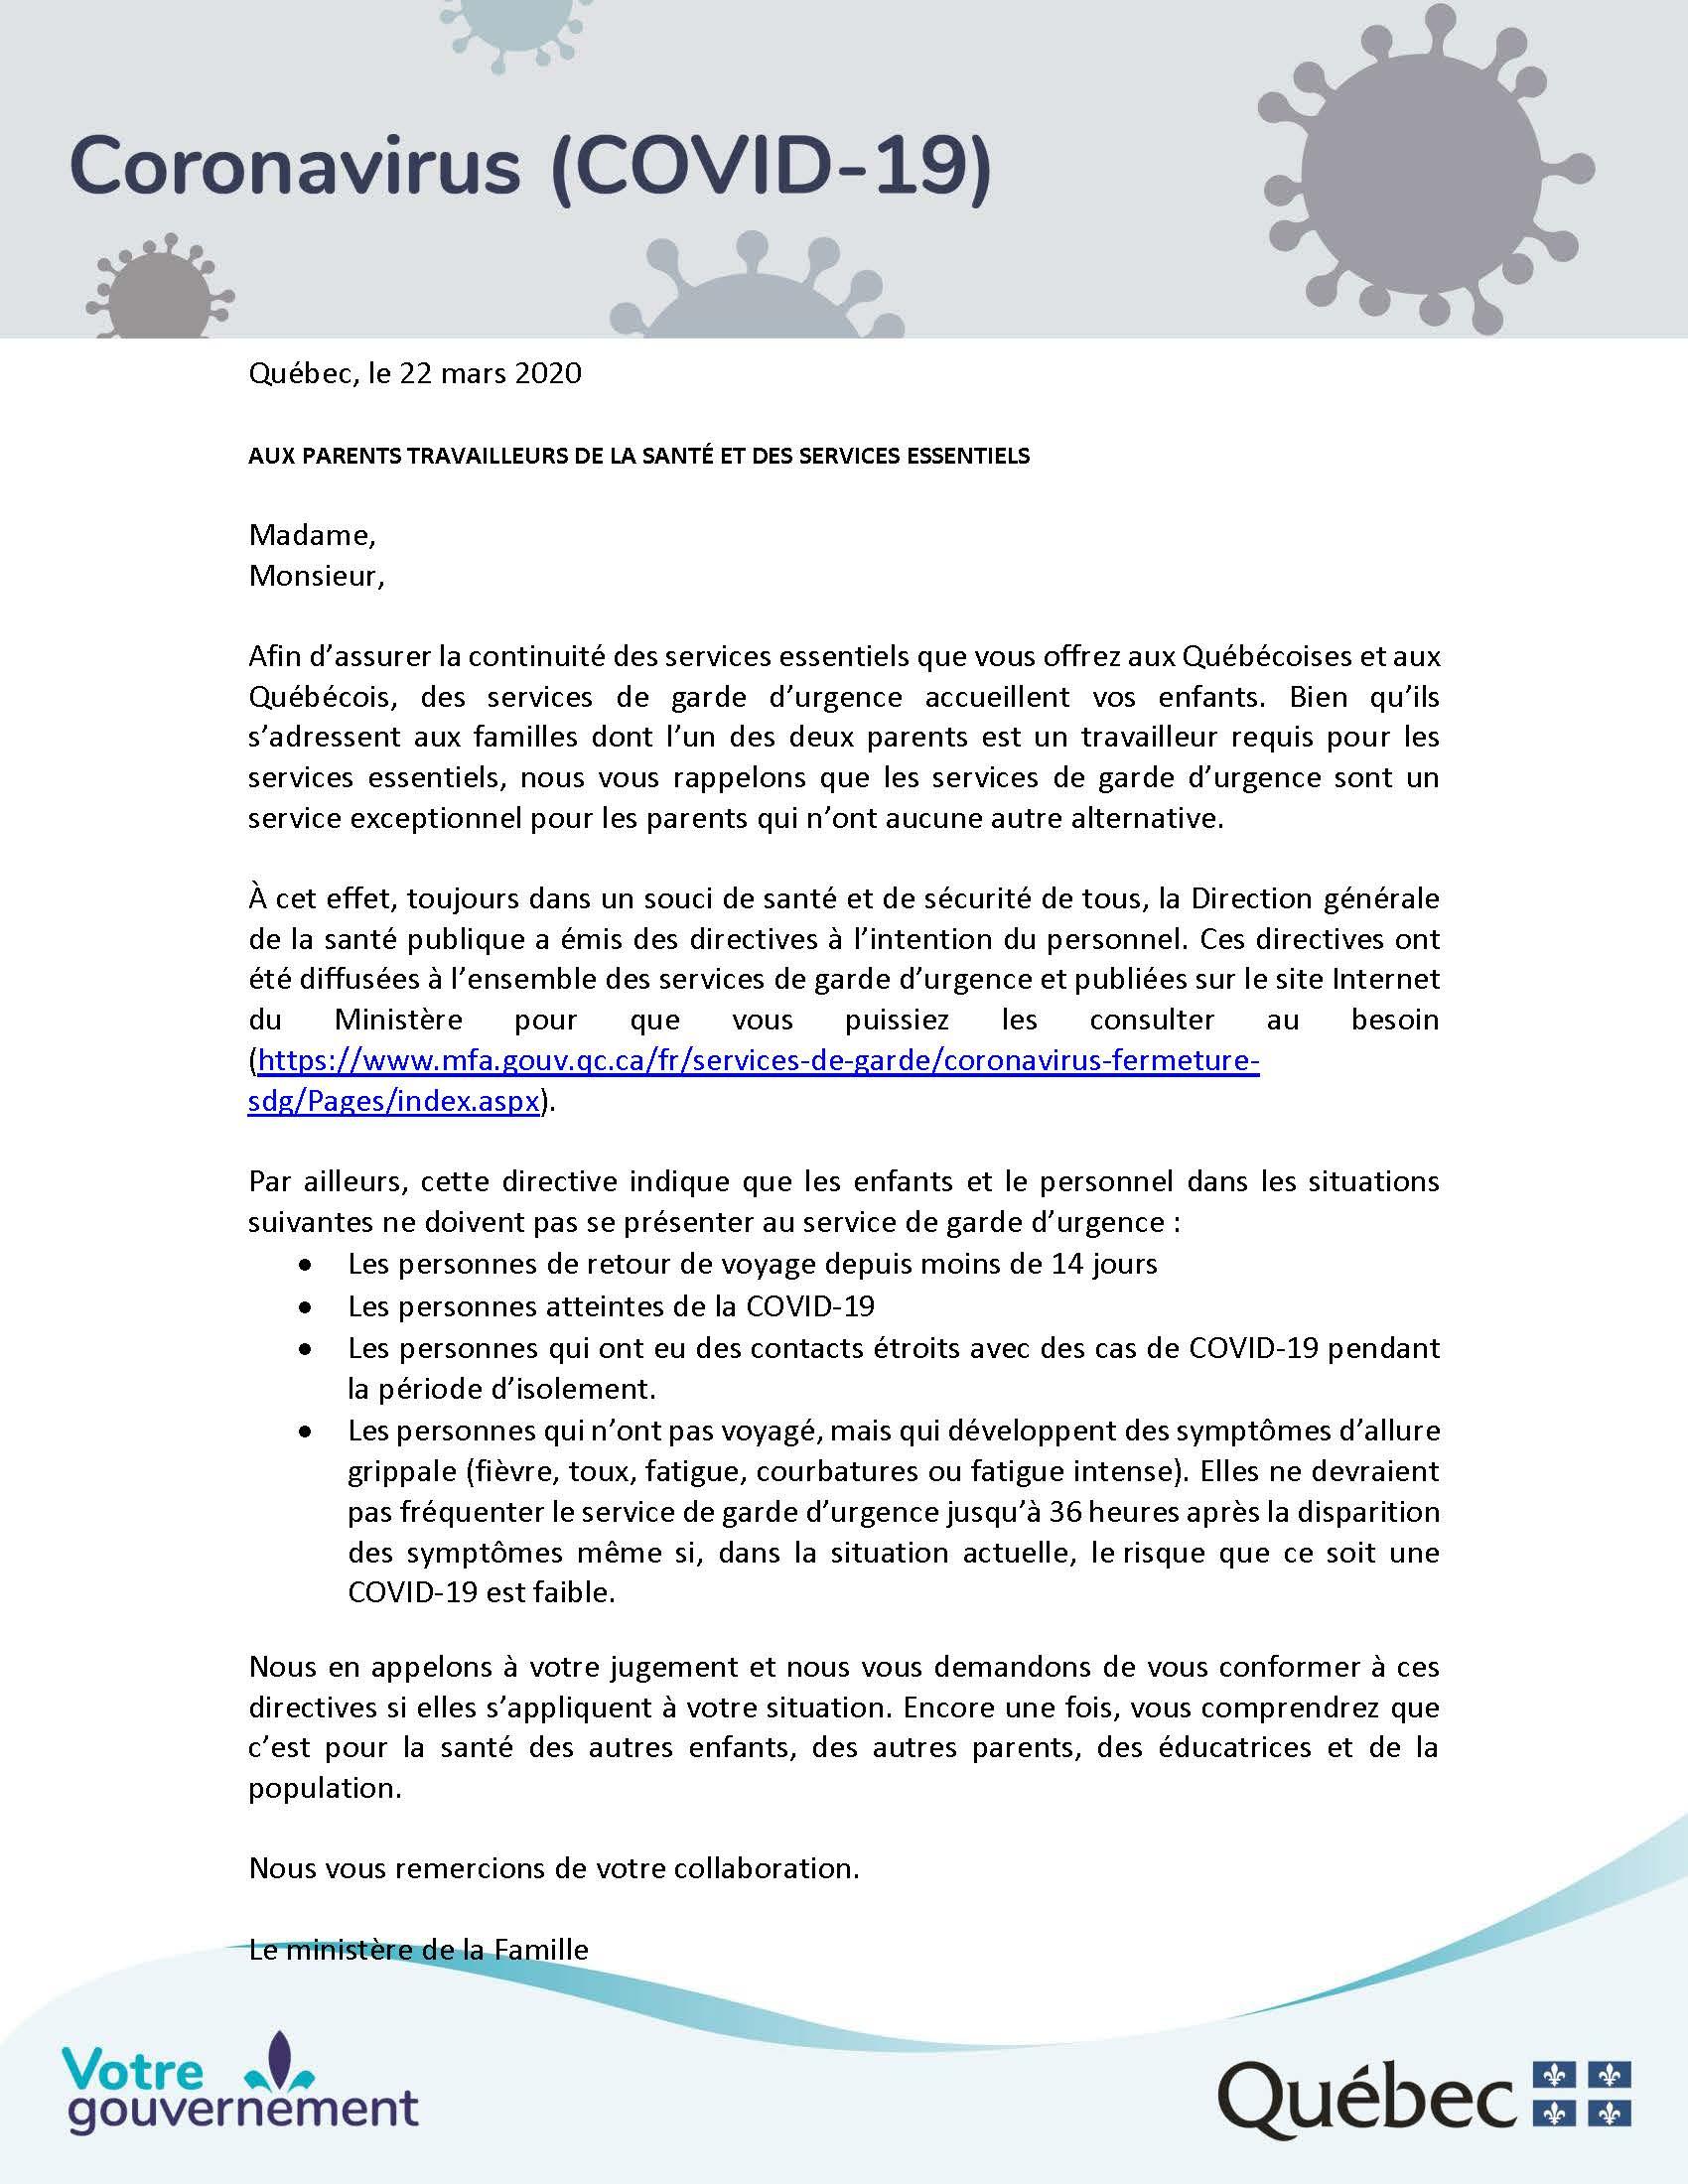 Lettre-parents-services-essentiels-directives-DSP-2020-03-22